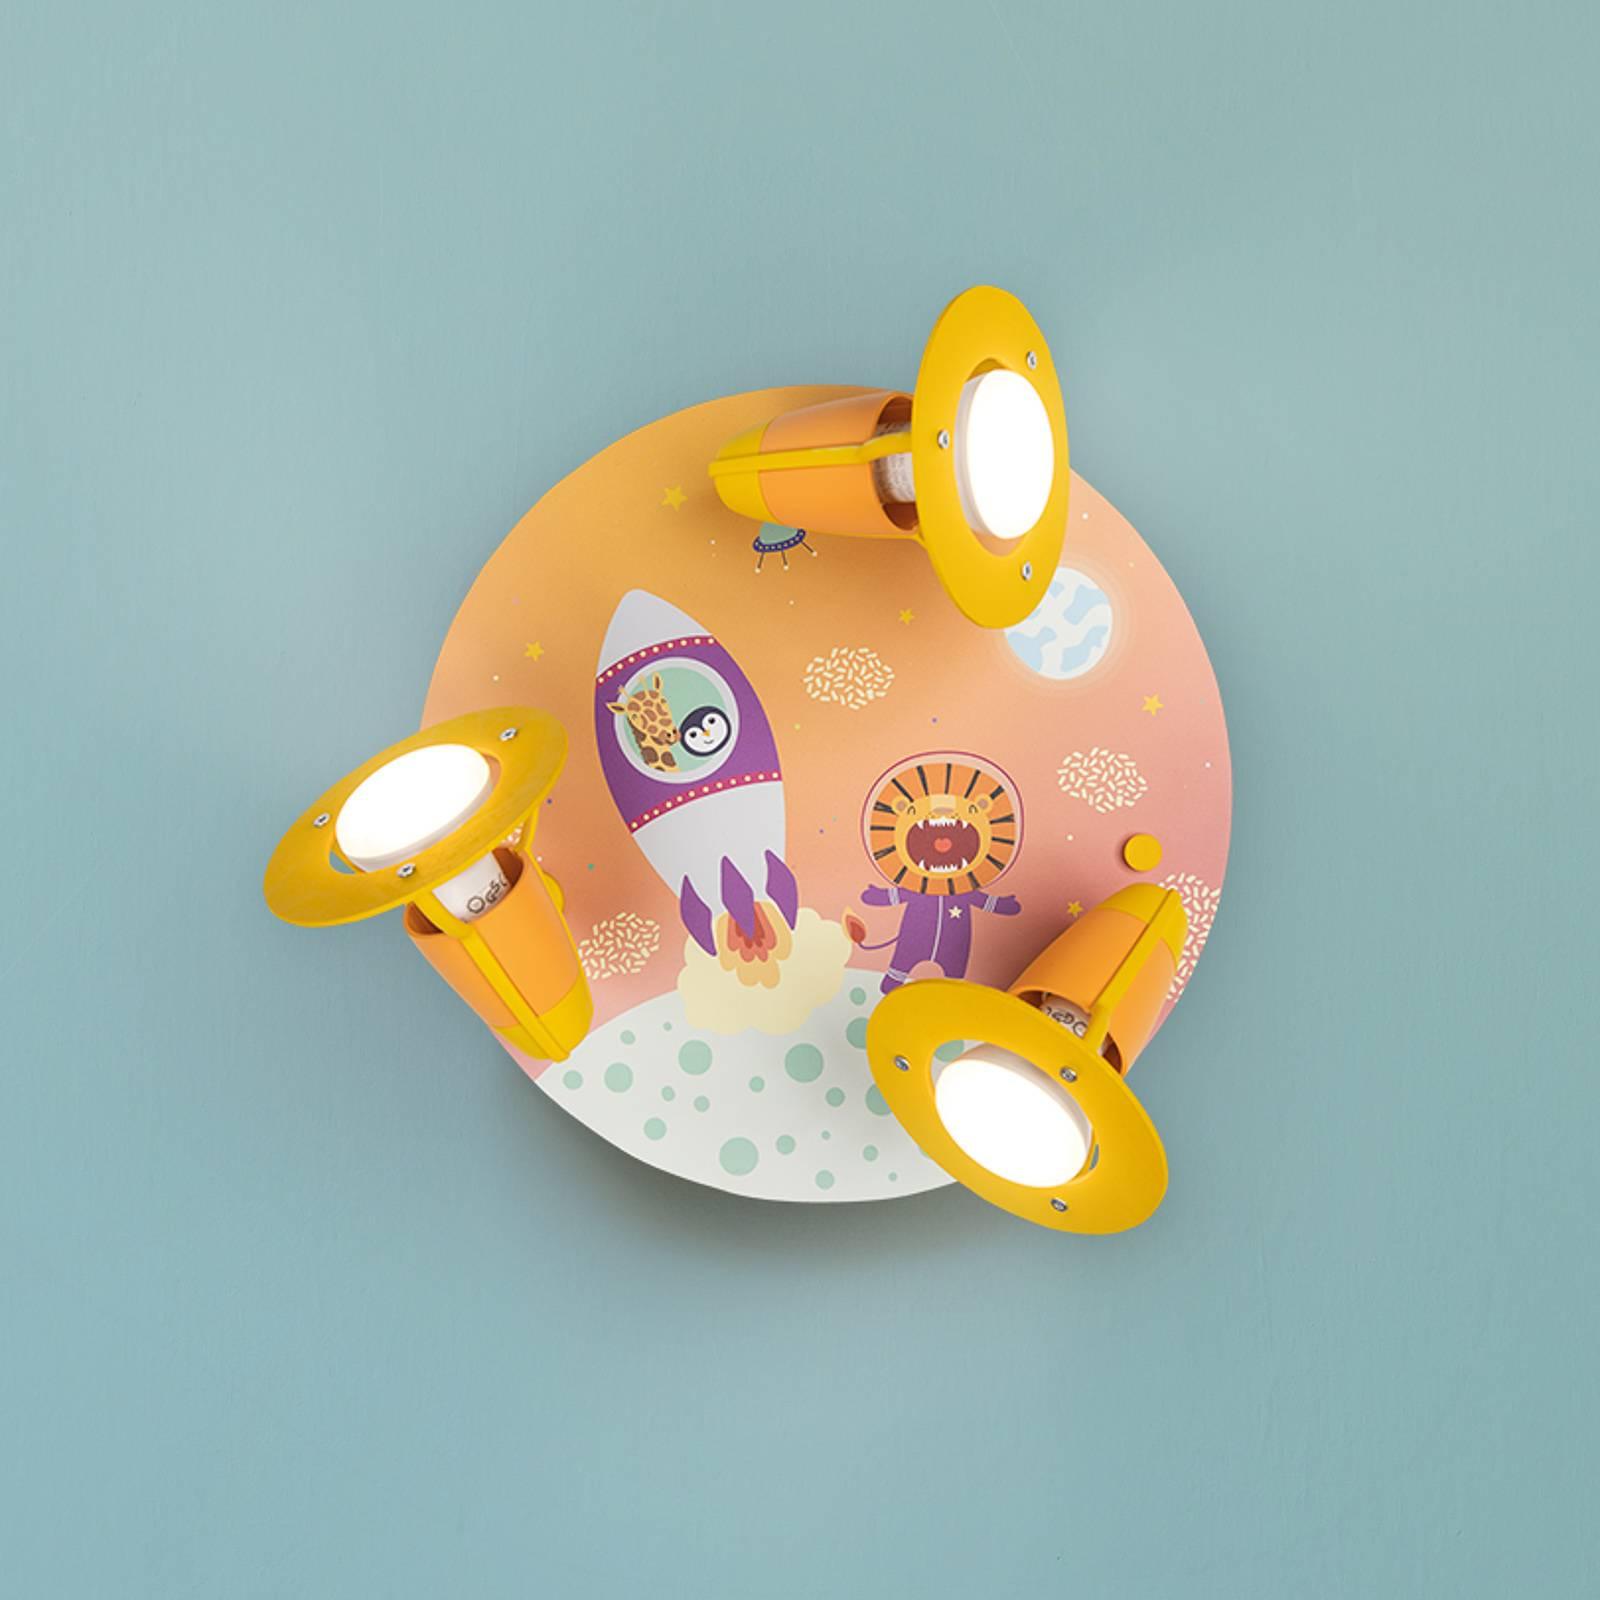 Kattovalaisin Escape, oranssi 3-lamppuinen, pyöreä